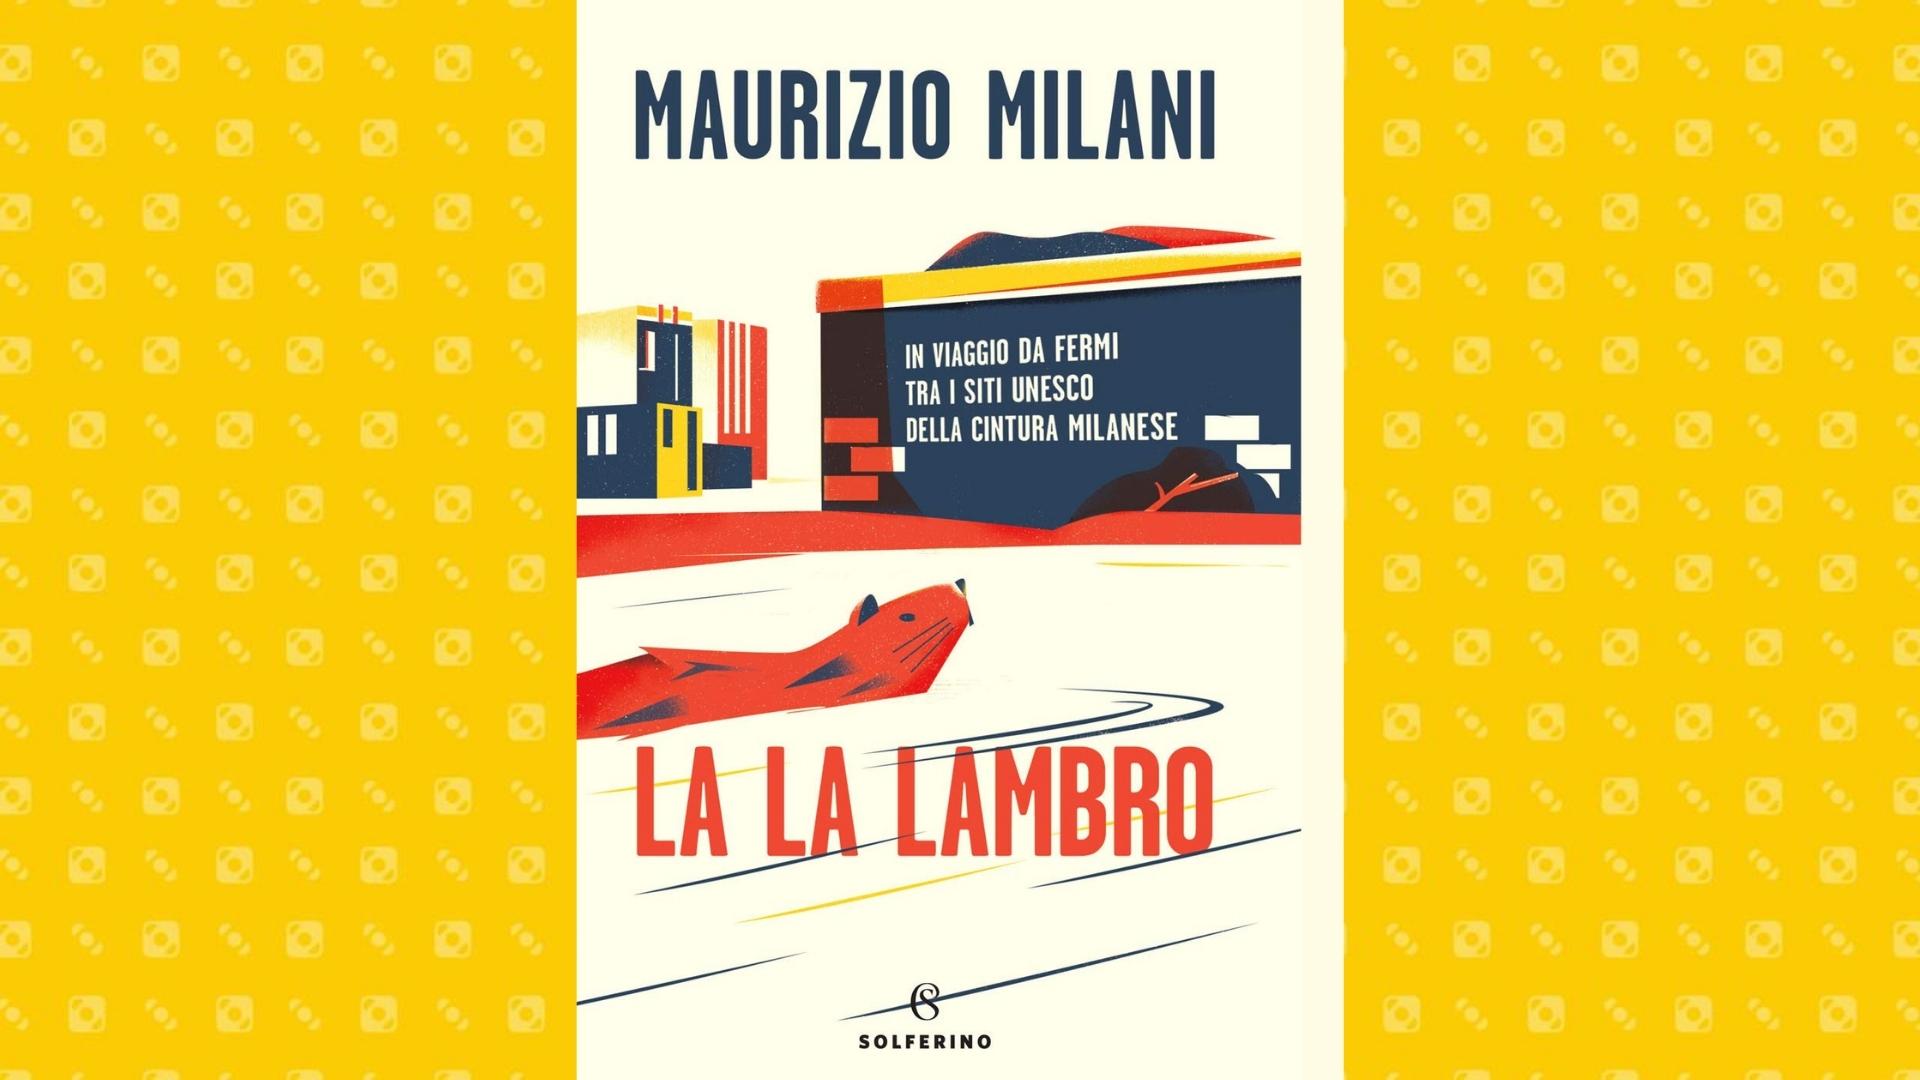 La La Lambro Maurizio Milani